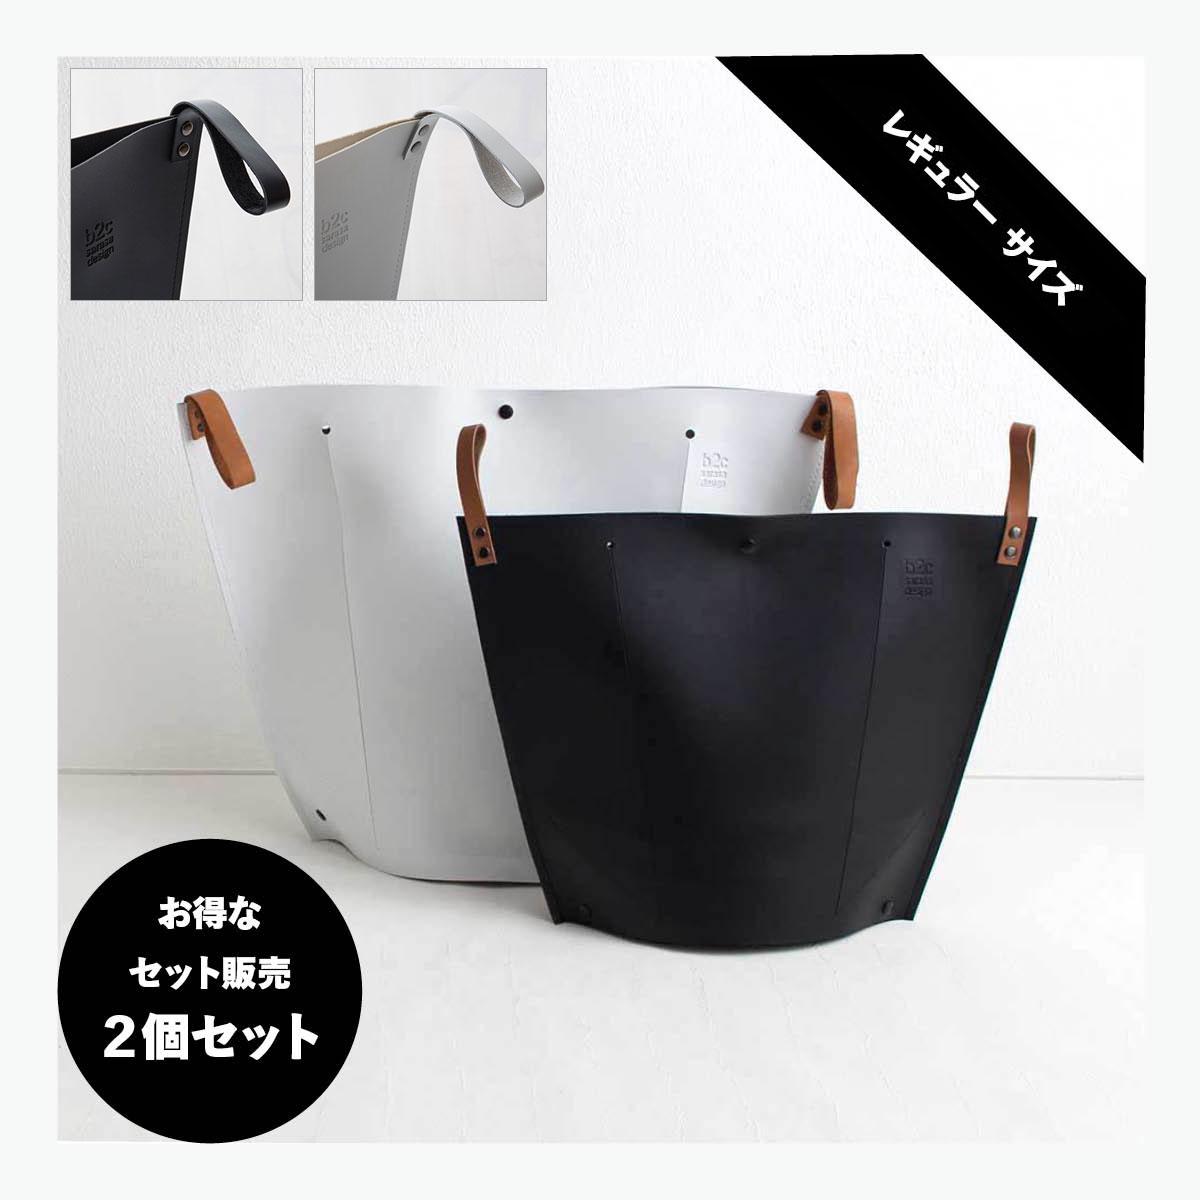 [当店通常価格¥6,264 |お得なセット販売●b2cランドリーバッグ レギュラーサイズ=2個セット]